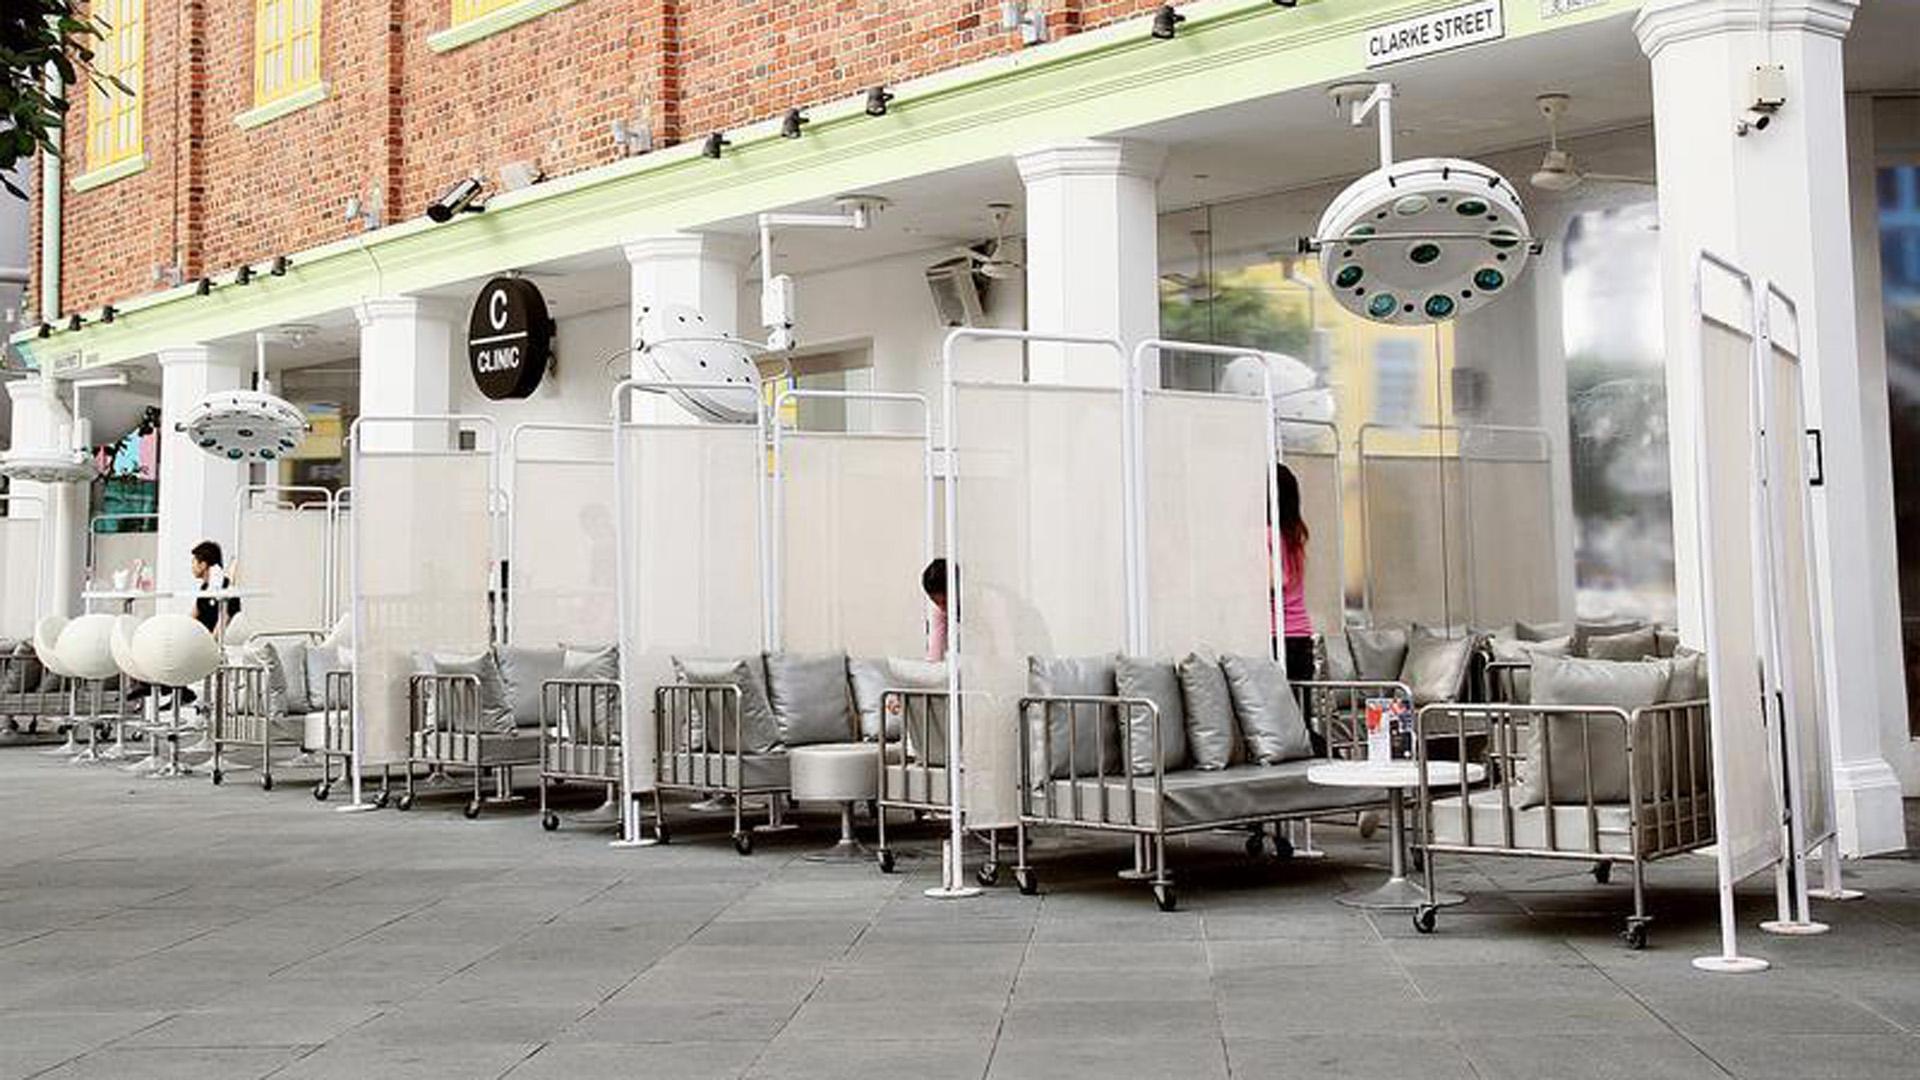 Uno de los mejores lugares para comer en Singapore con elementos que representan una clínica es furor